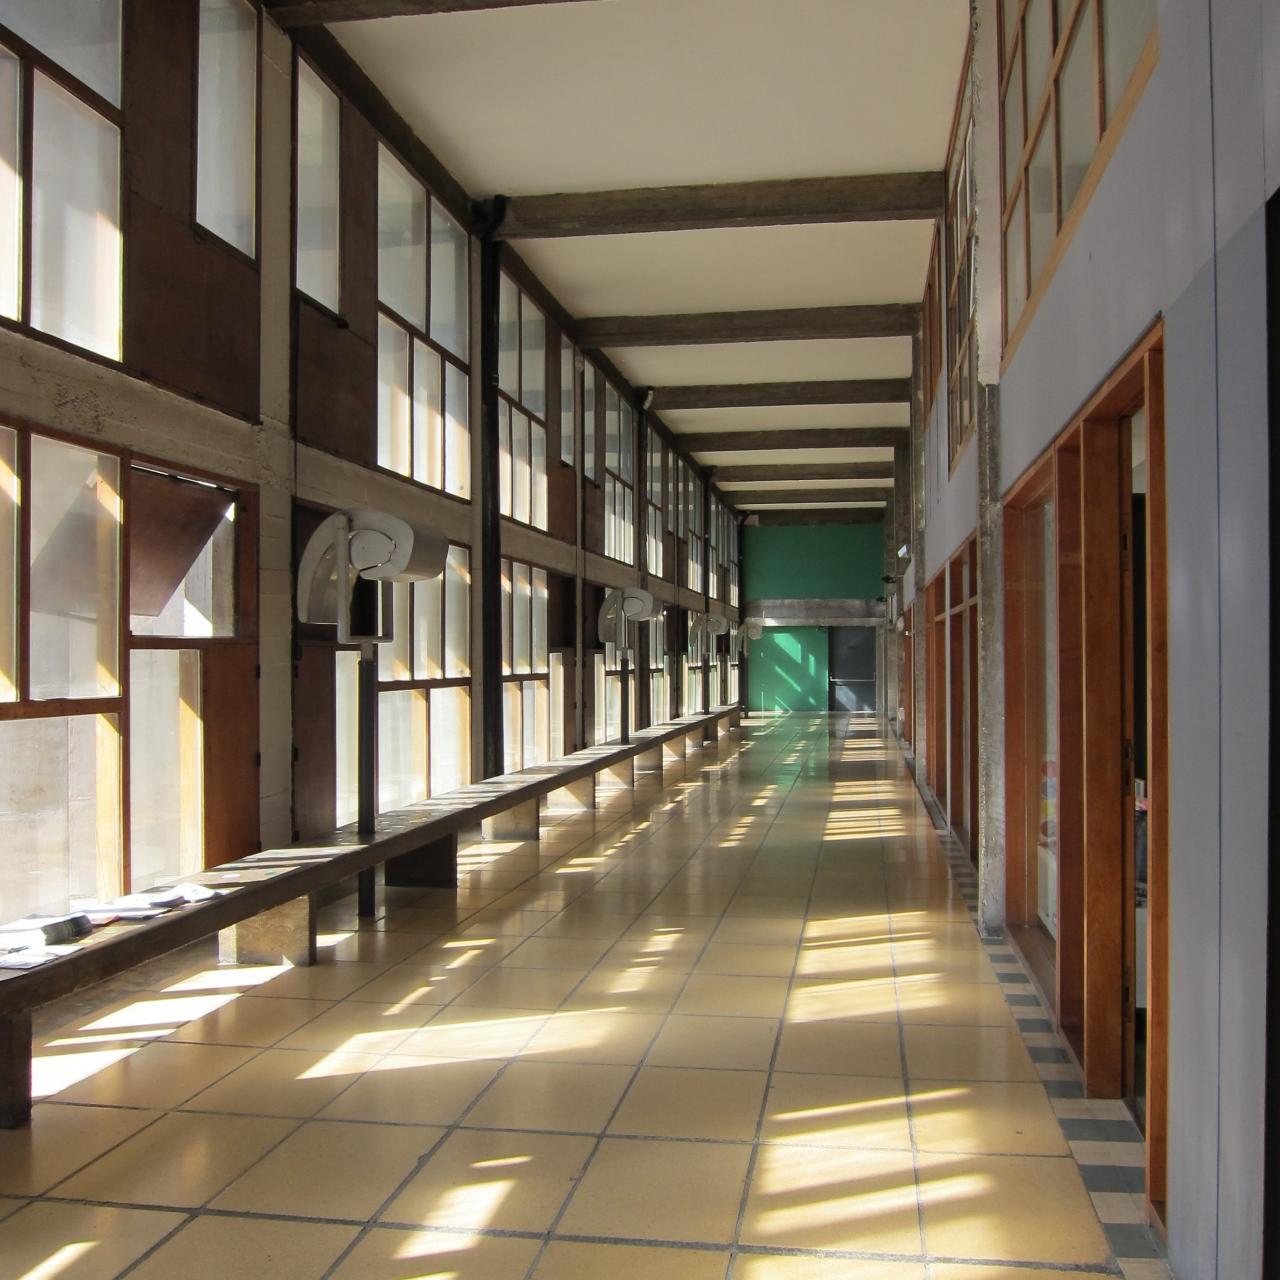 das architektonische werk von le corbusier ein herausragender beitrag zur moderne deutsche. Black Bedroom Furniture Sets. Home Design Ideas